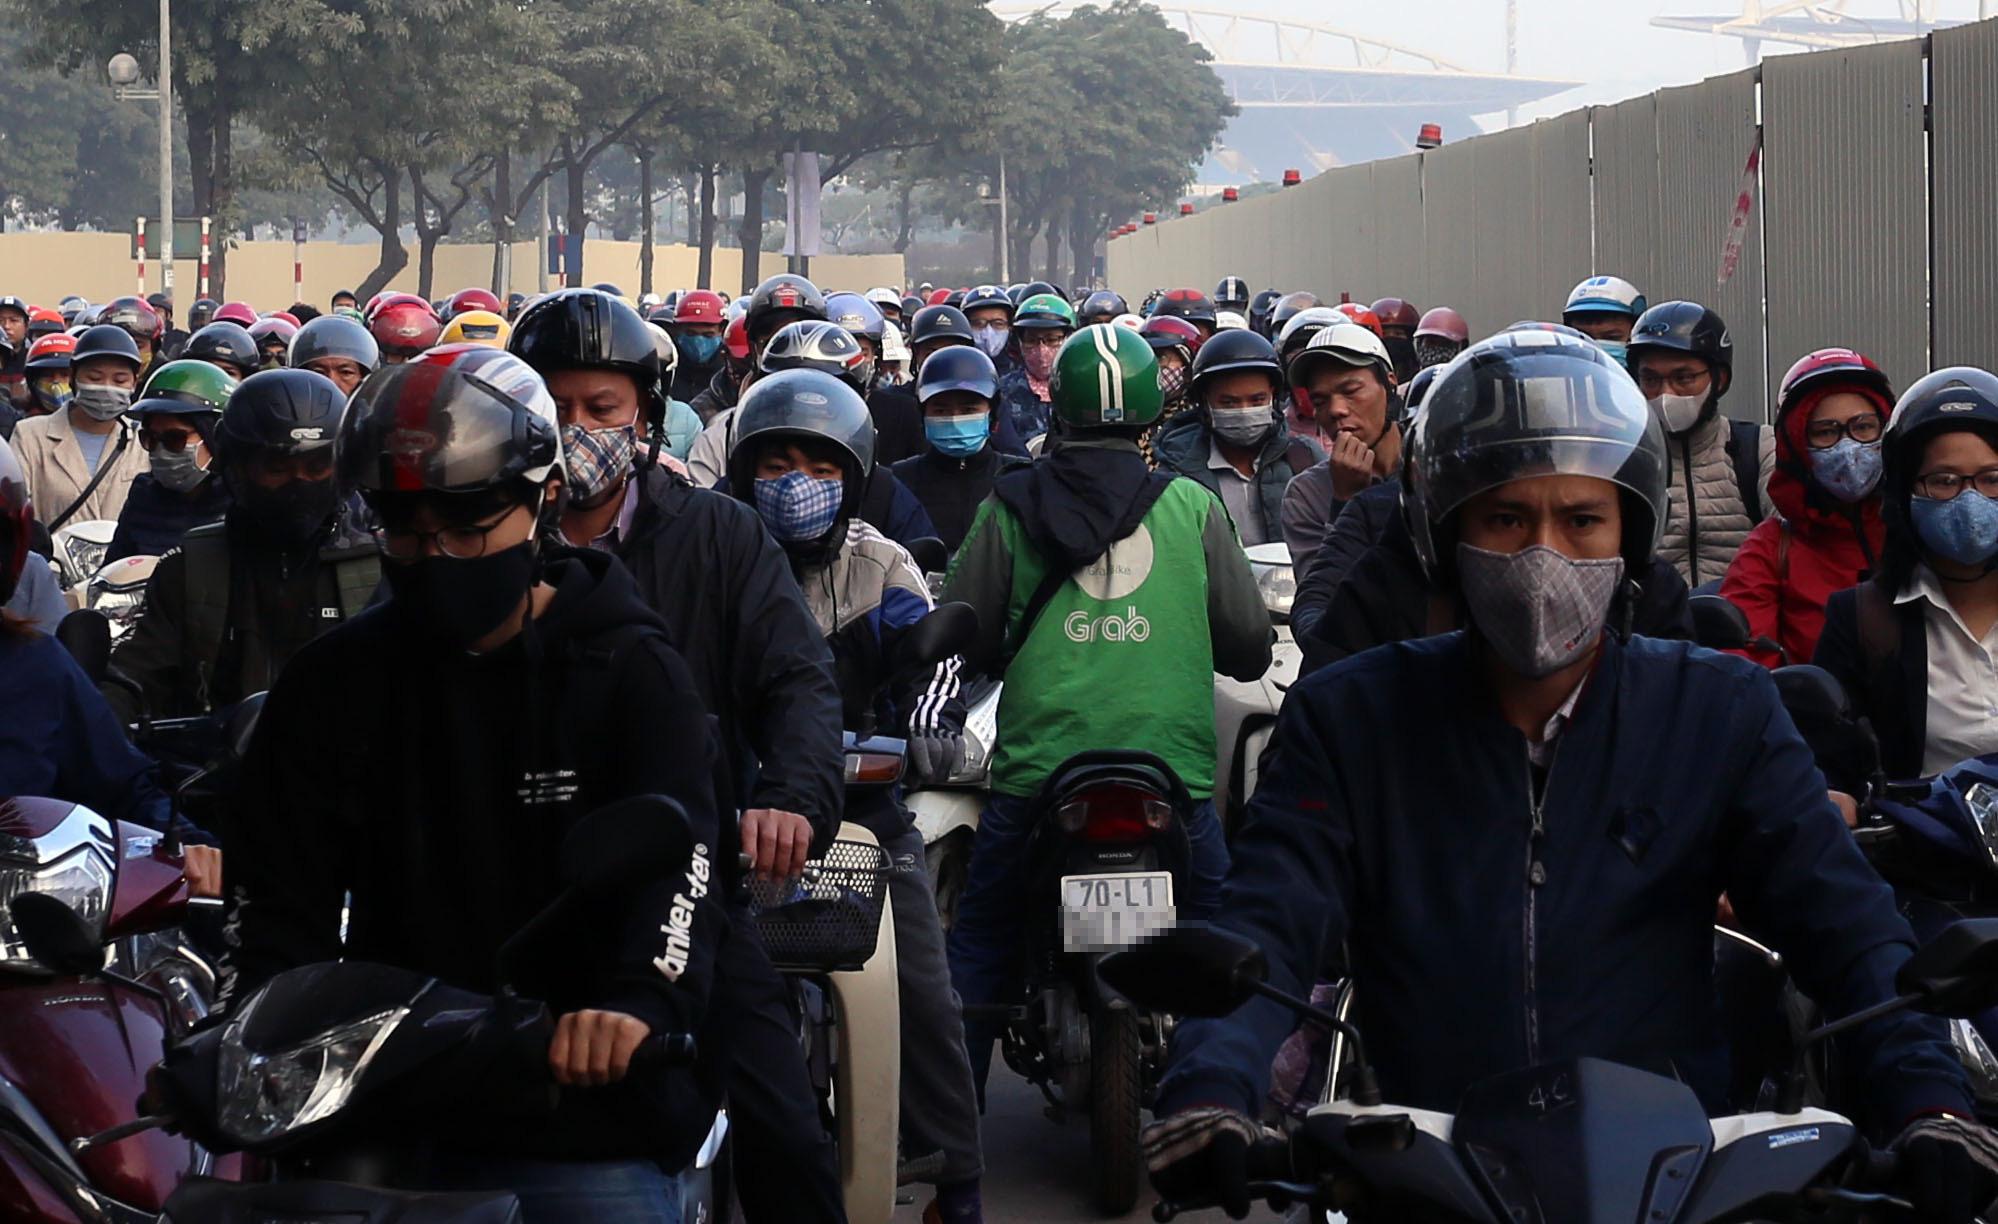 Ùn tắc và ô nhiễm không khí ở Hà Nội: Hạn chế xe cá nhân vẫn là 'bài toán' nhạy cảm - Ảnh 4.